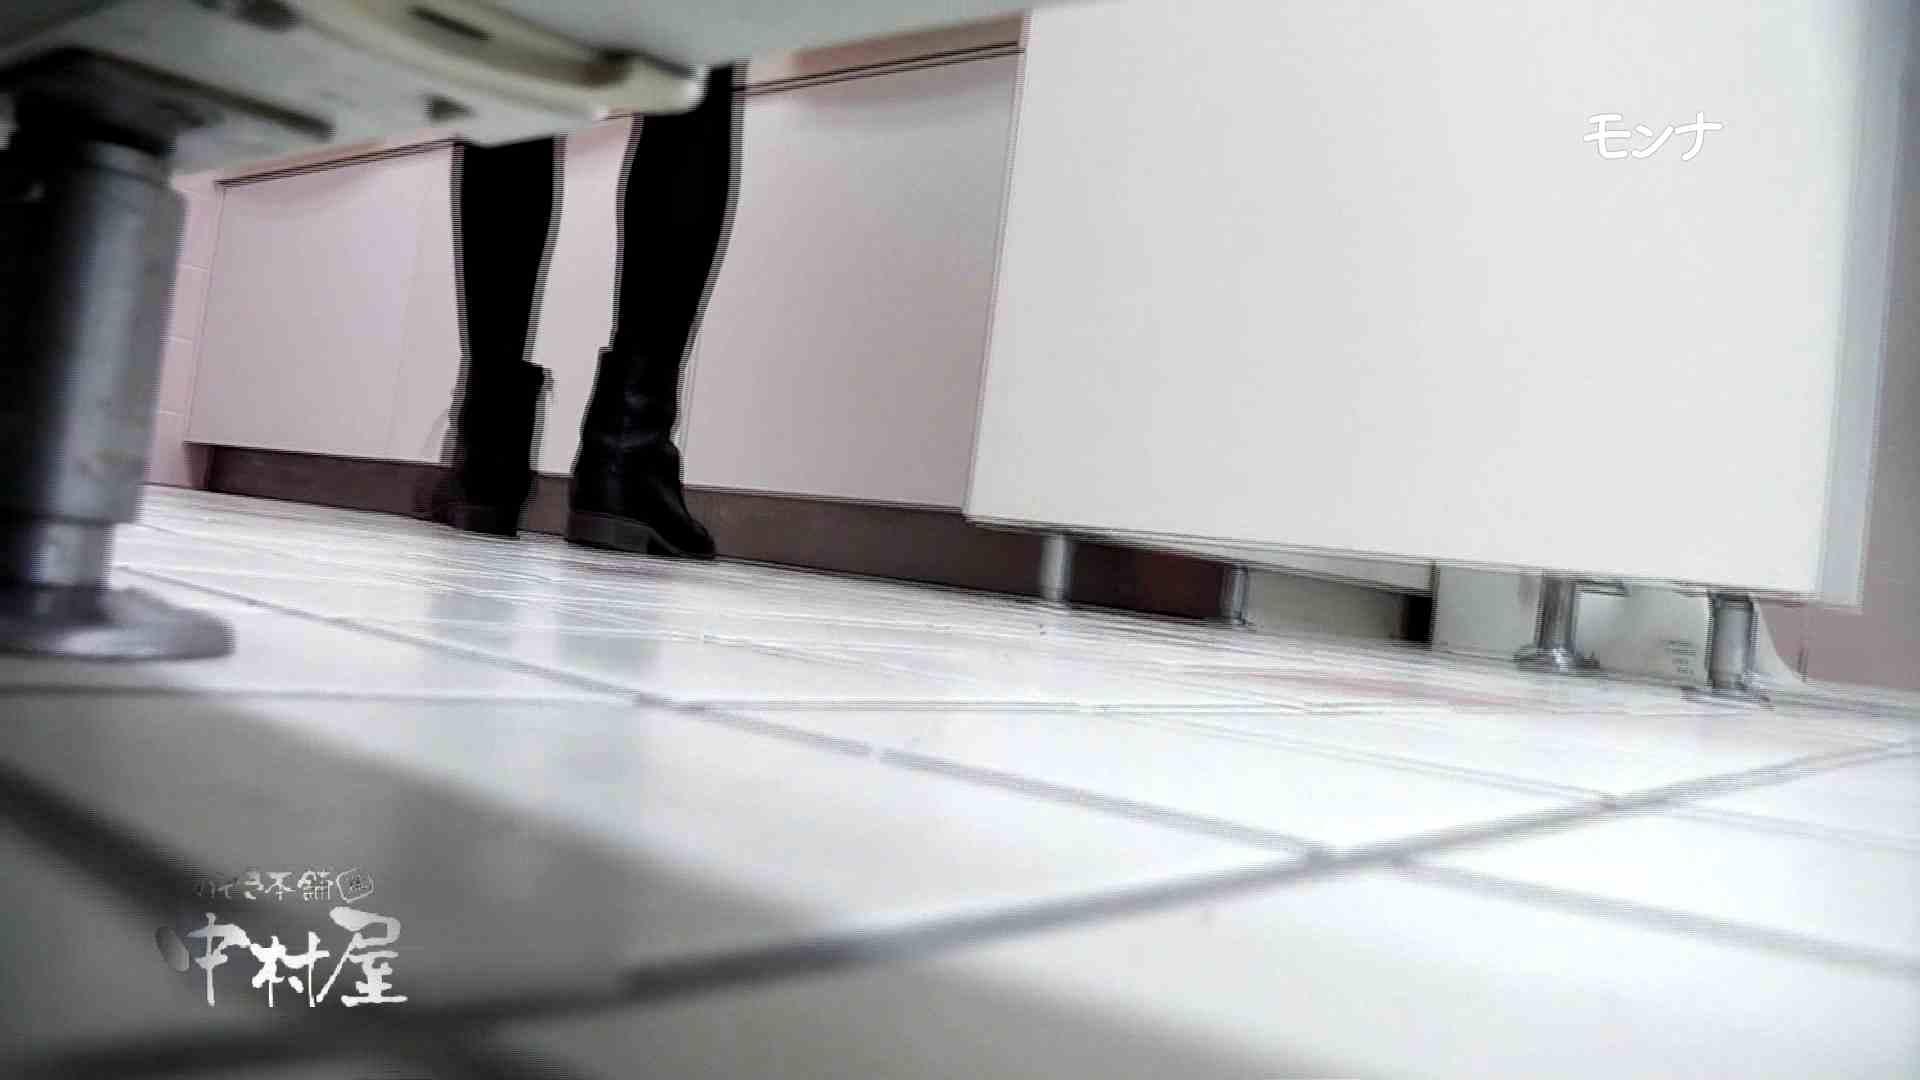 【美しい日本の未来】新学期!!下半身中心に攻めてます美女可愛い女子悪戯盗satuトイレ後編 0  40連発 22